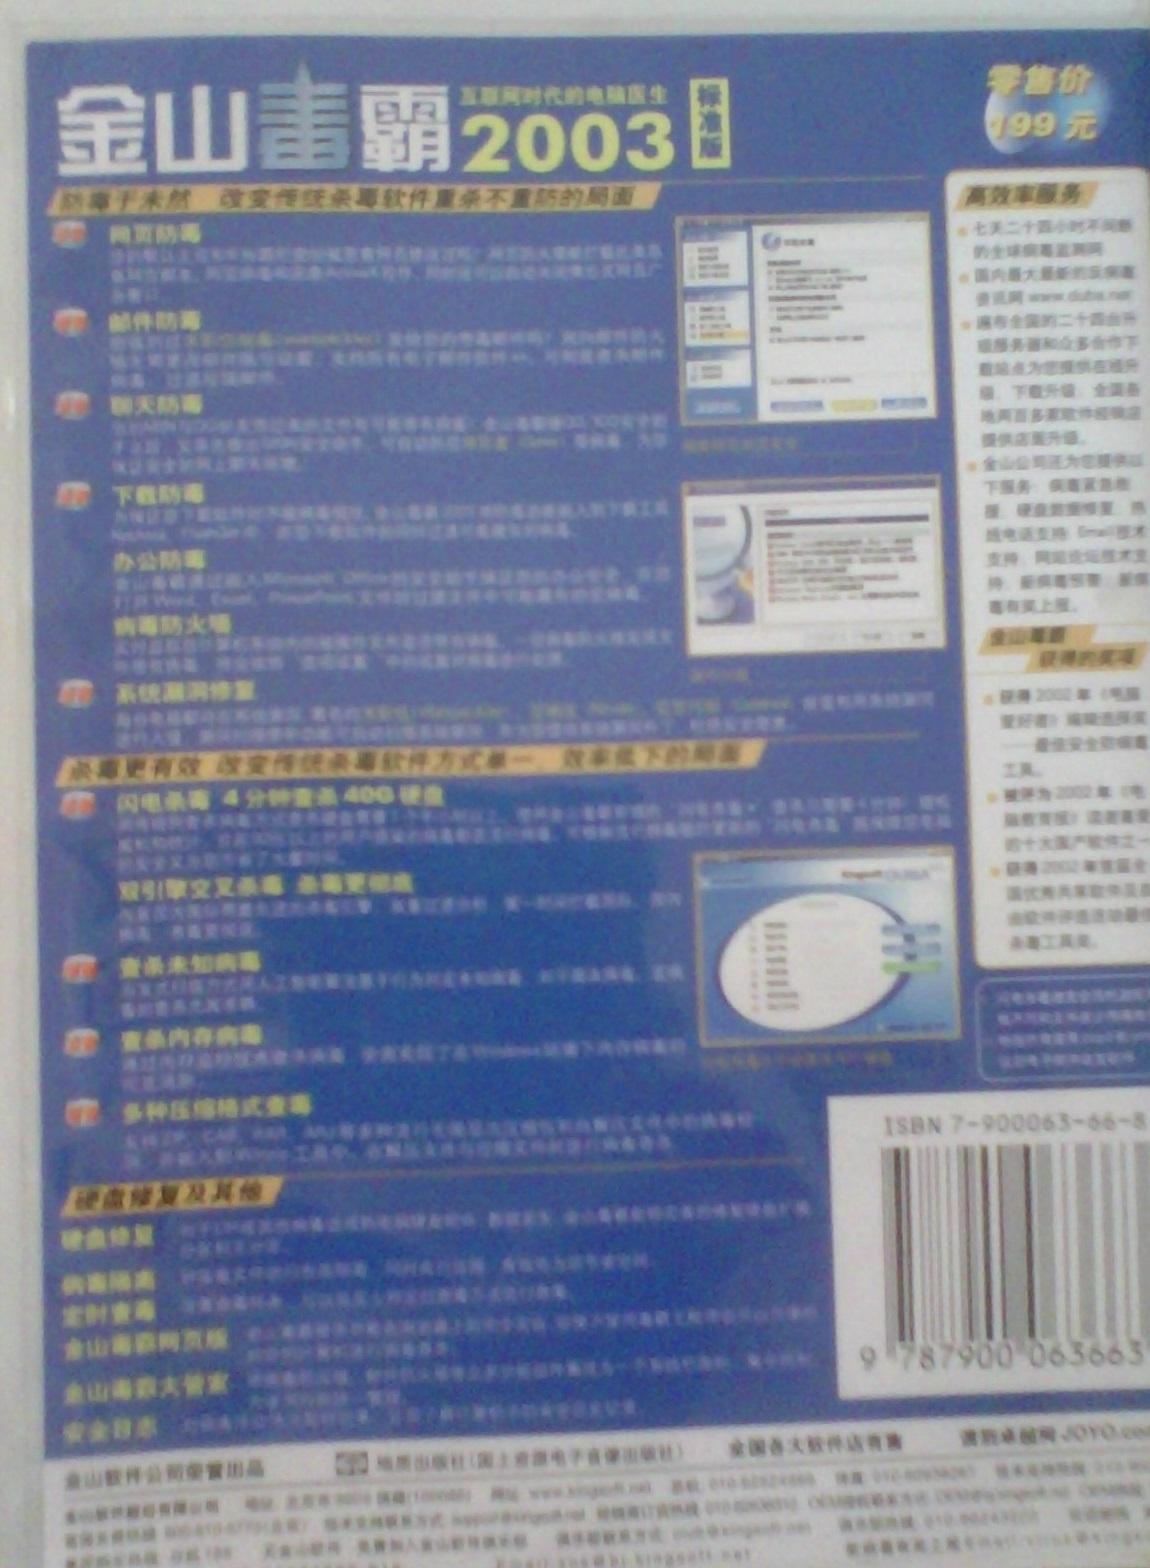 【金山毒霸〖2003〗内盒】反面.jpg